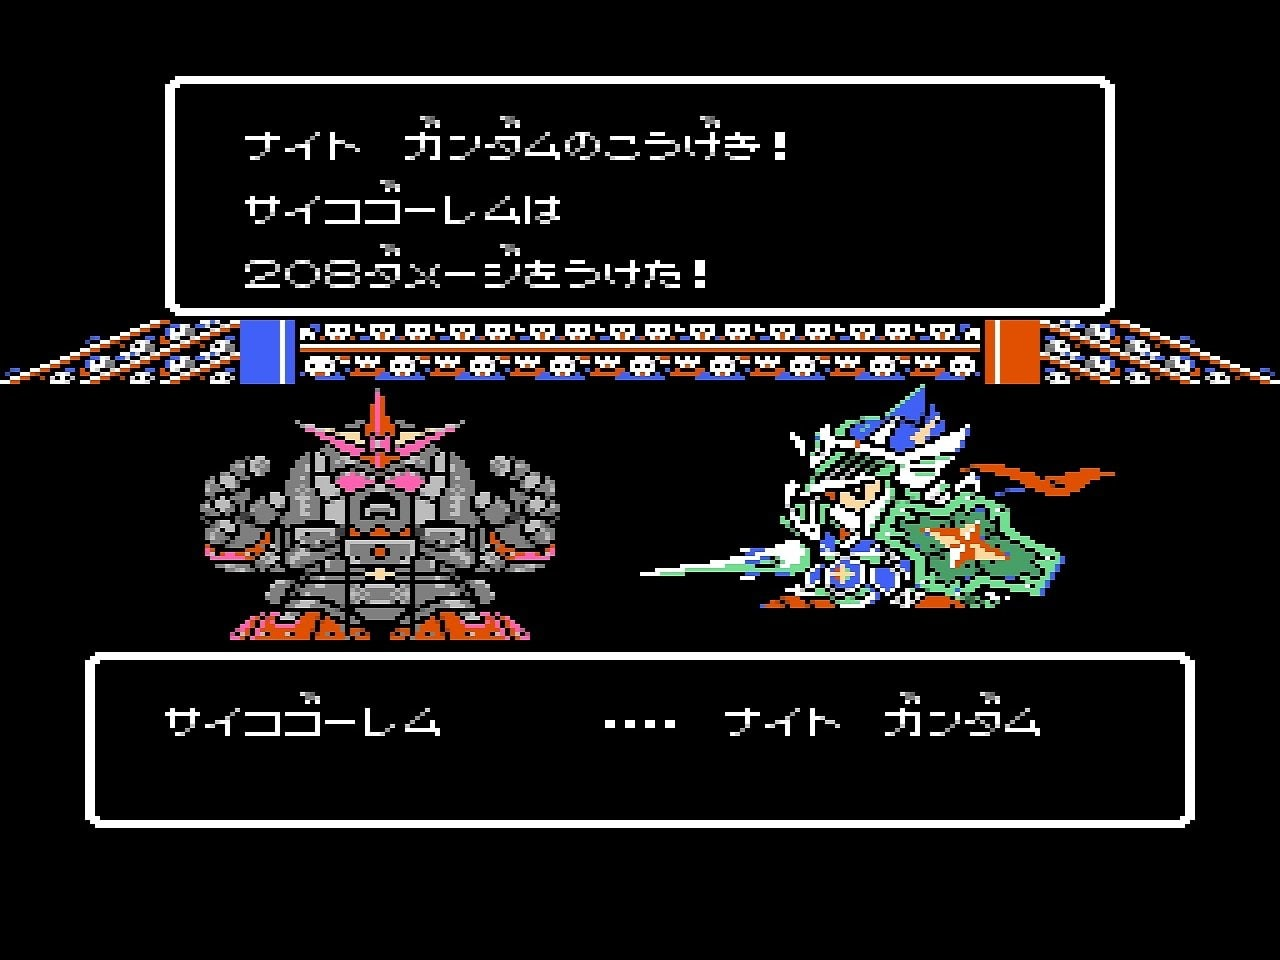 一番好きな「ガンダムゲーム」ランキング セガサターンの傑作を生んだ「ギレンの野望」シリーズが2位!の画像006